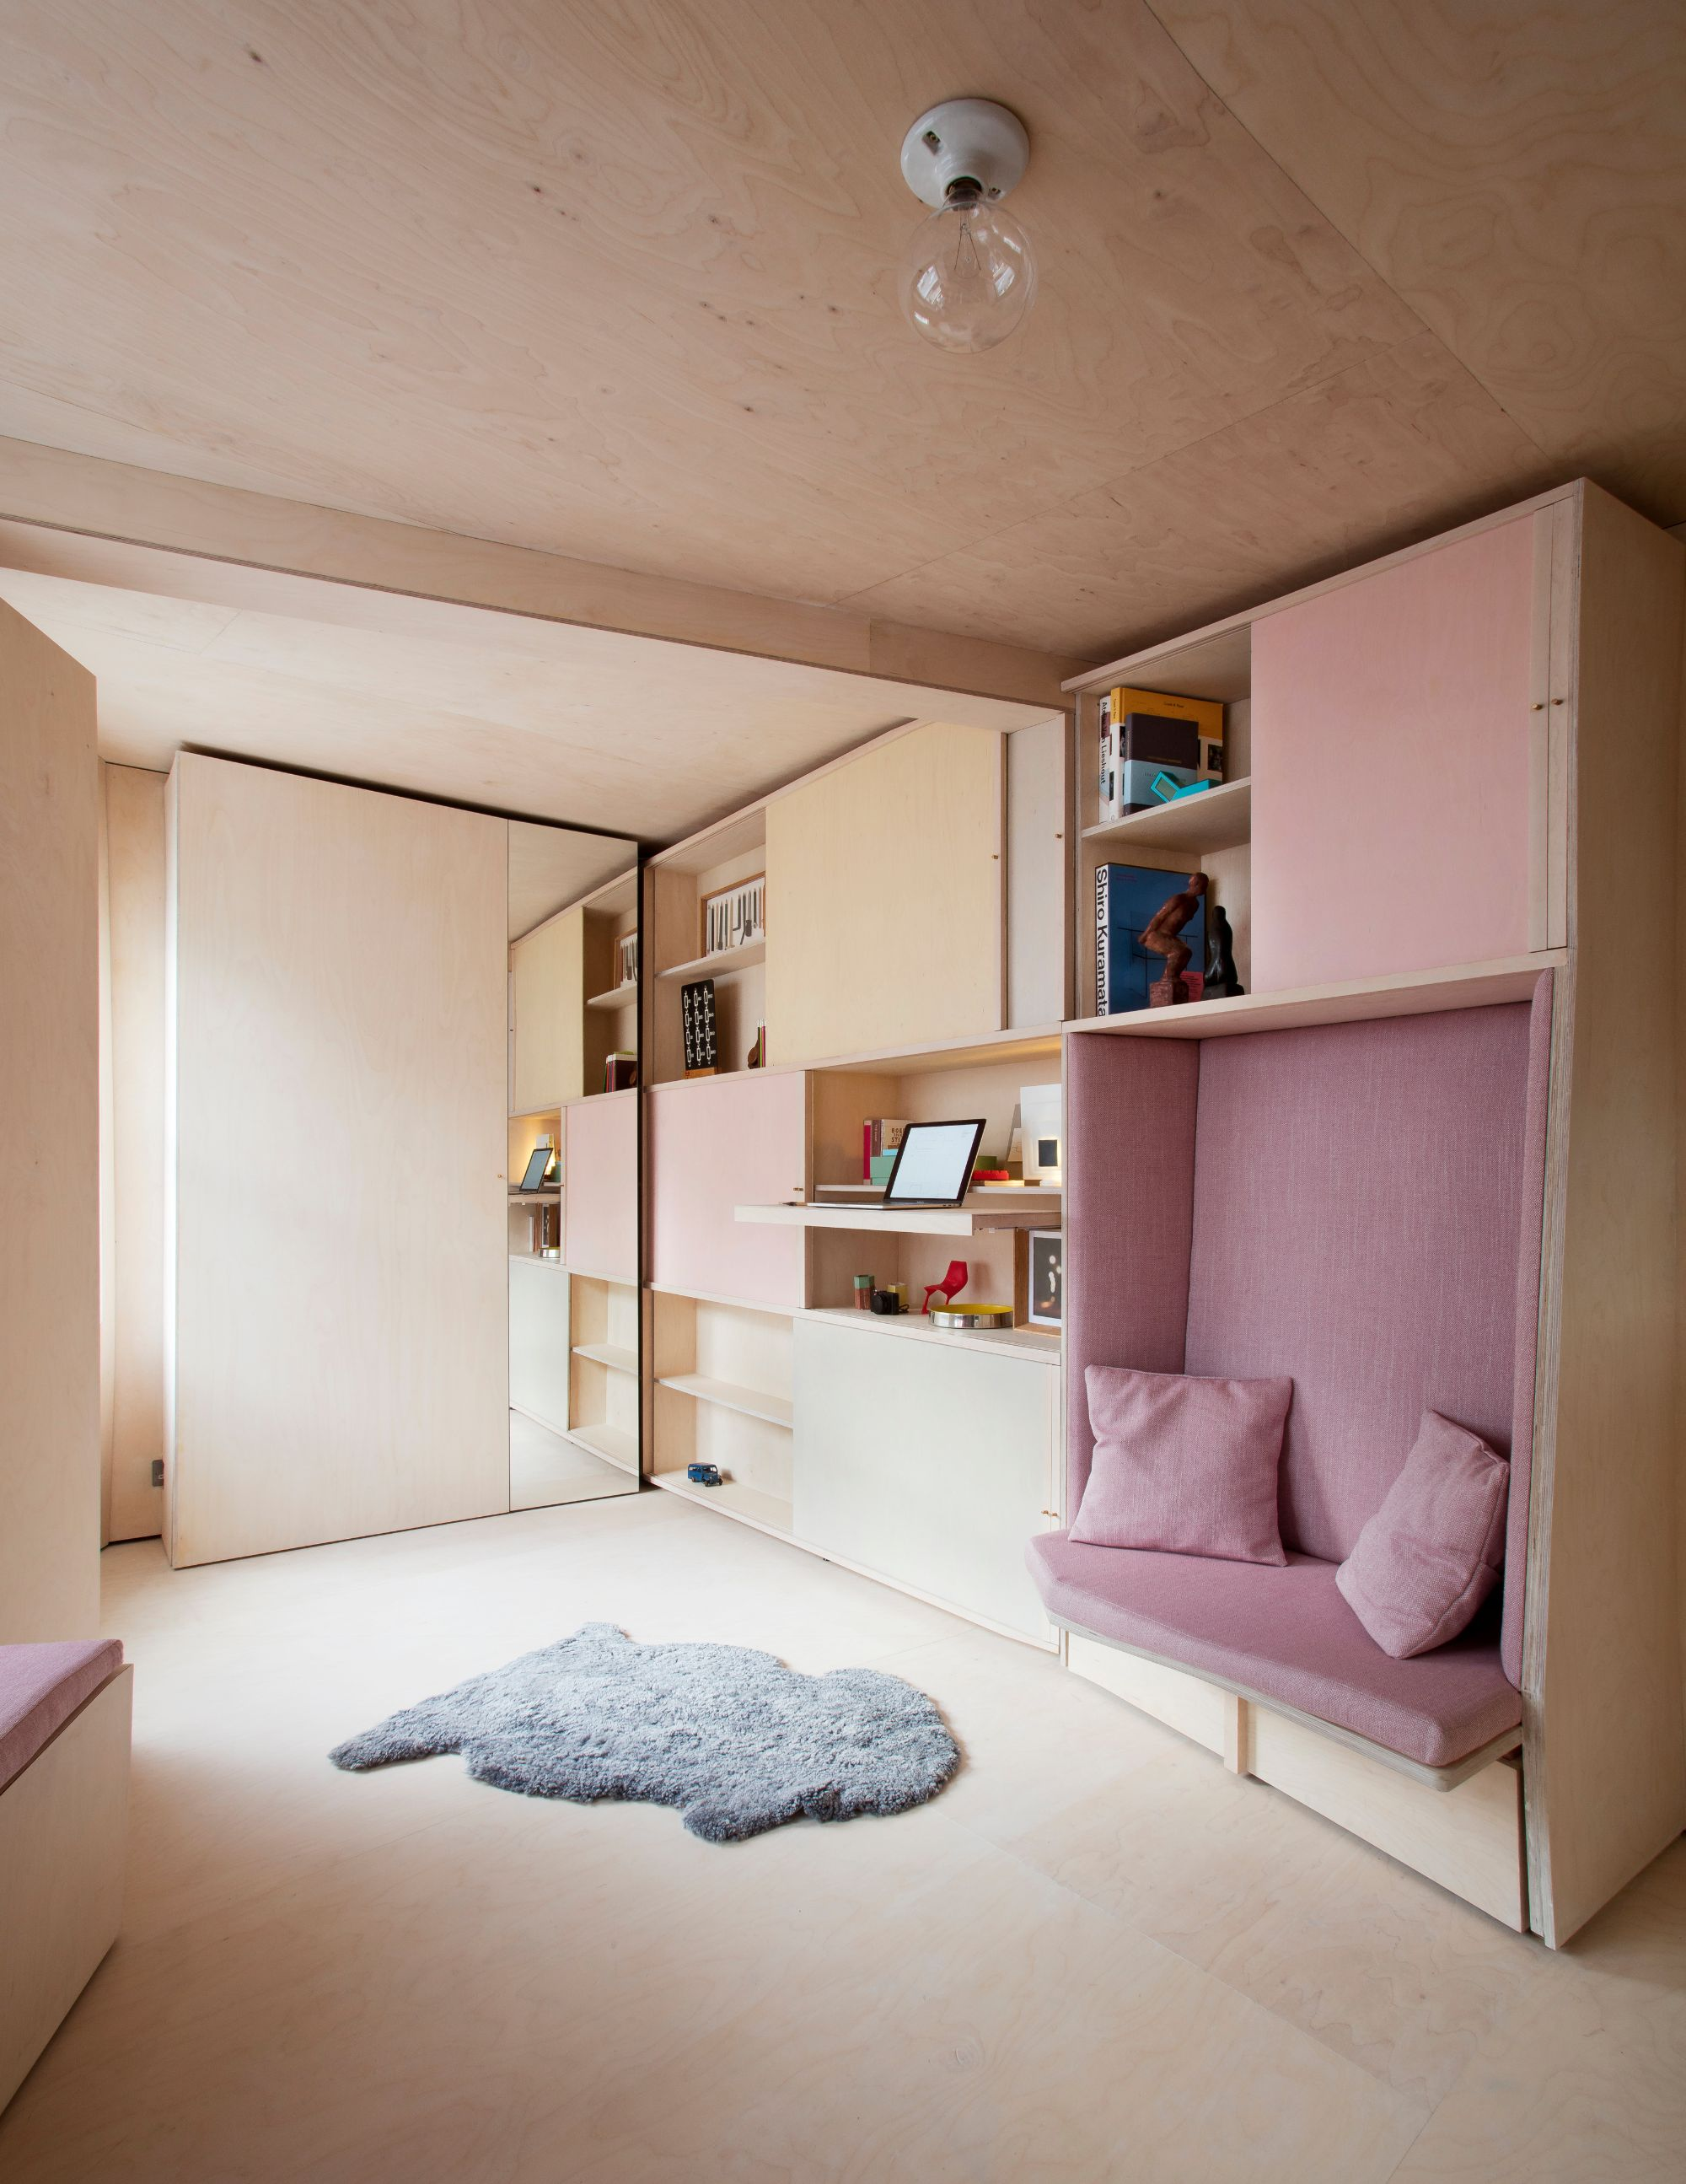 13m2 house_5359.jpg